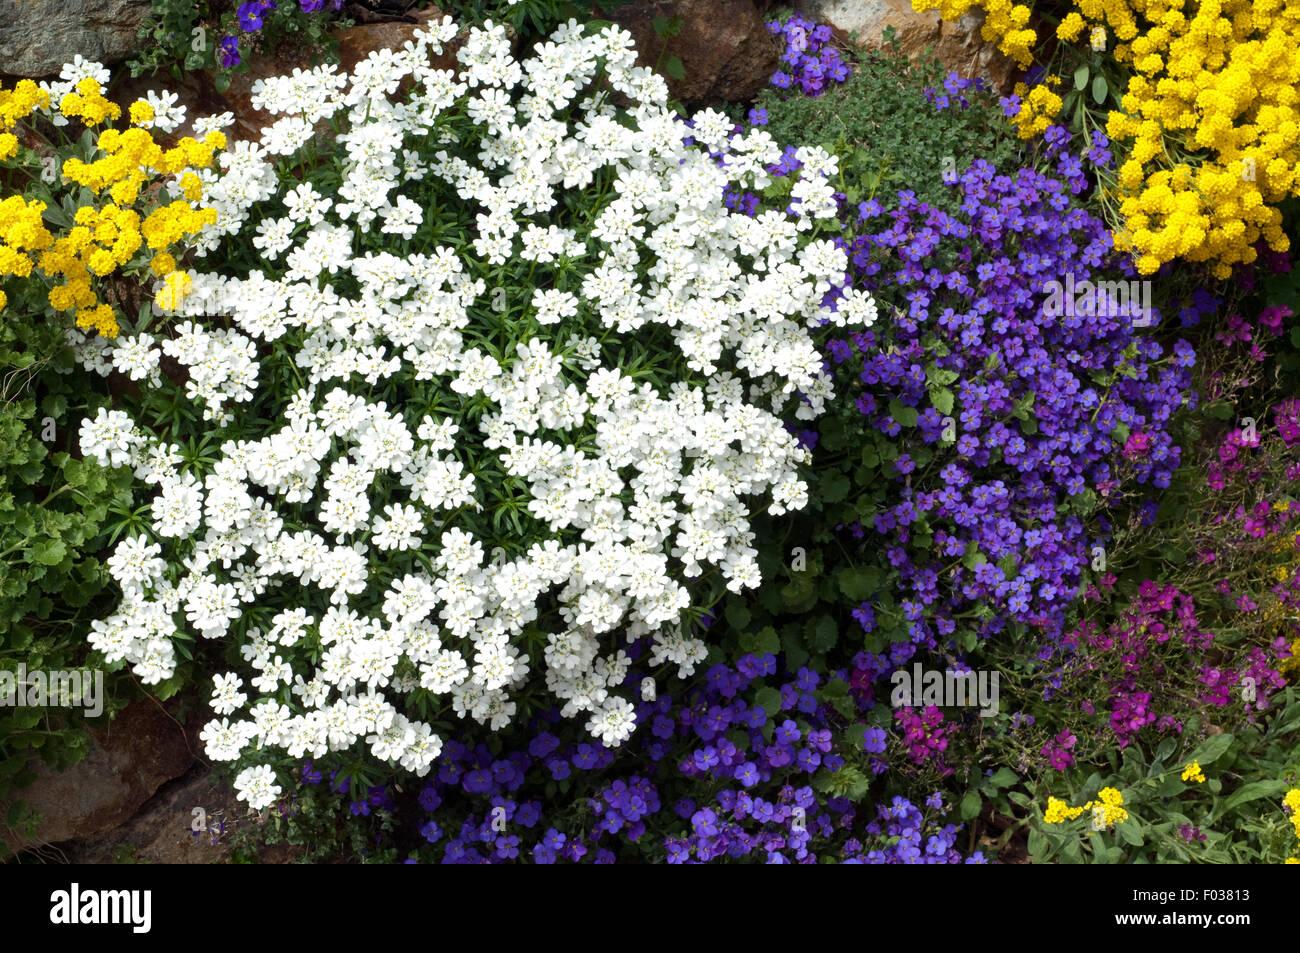 steingartenpflanzen seit blaukissen aubrieta schleifenblume stockfoto bild 86123999 alamy. Black Bedroom Furniture Sets. Home Design Ideas